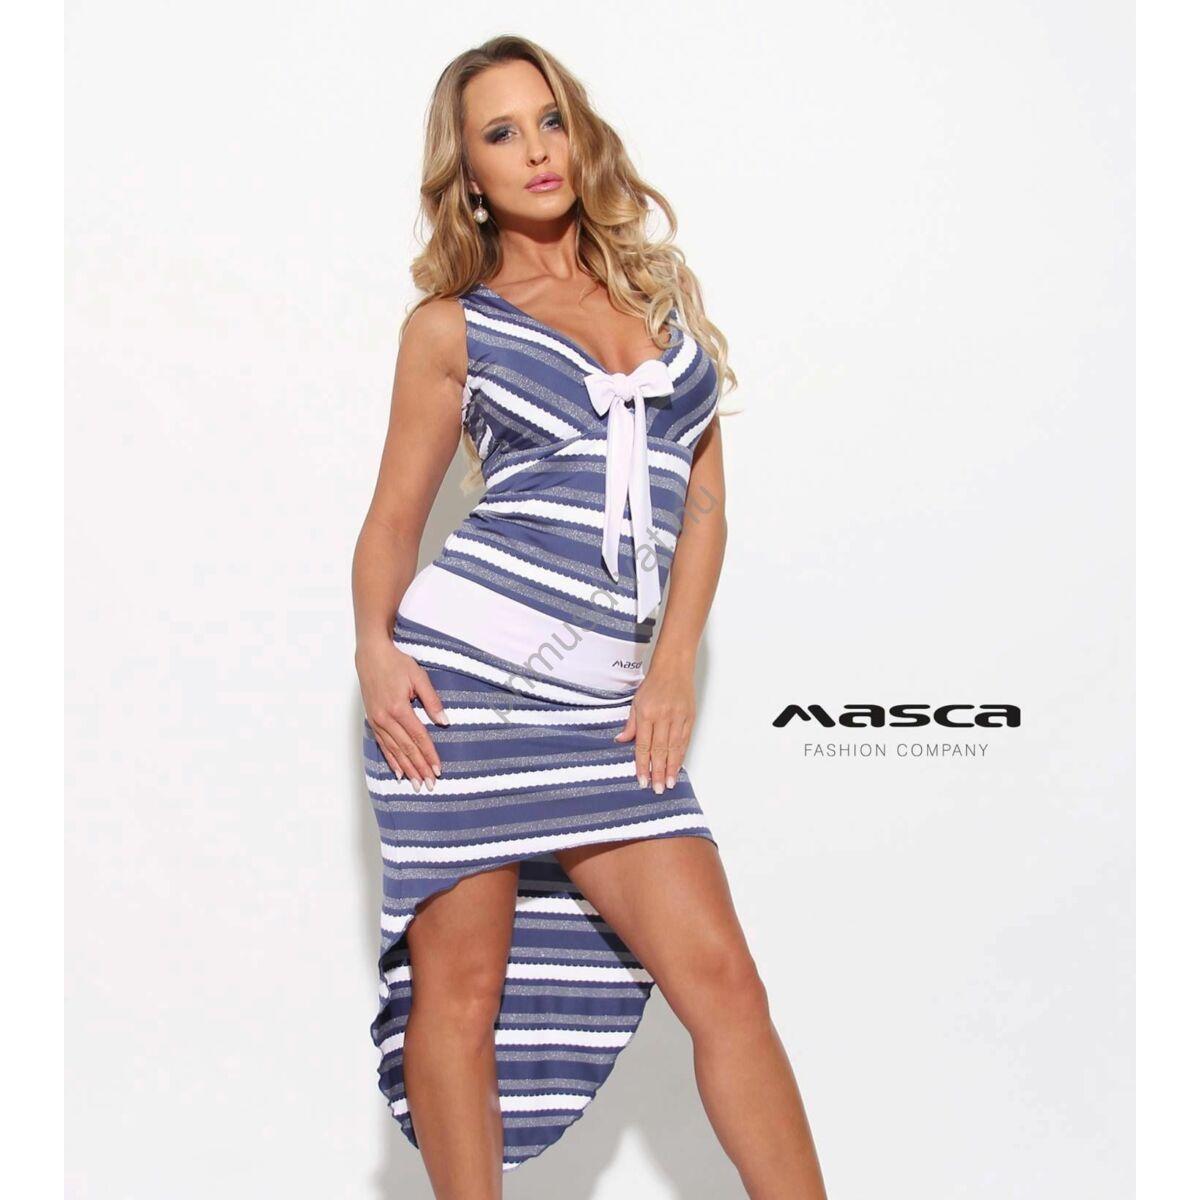 8b395816d6 Kép 1/2 - Masca Fashion fehér kötős dekoltázsú, lurexes kék-fehér csíkos ujjatlan  ruha, hátul ívelten hosszabb szabással